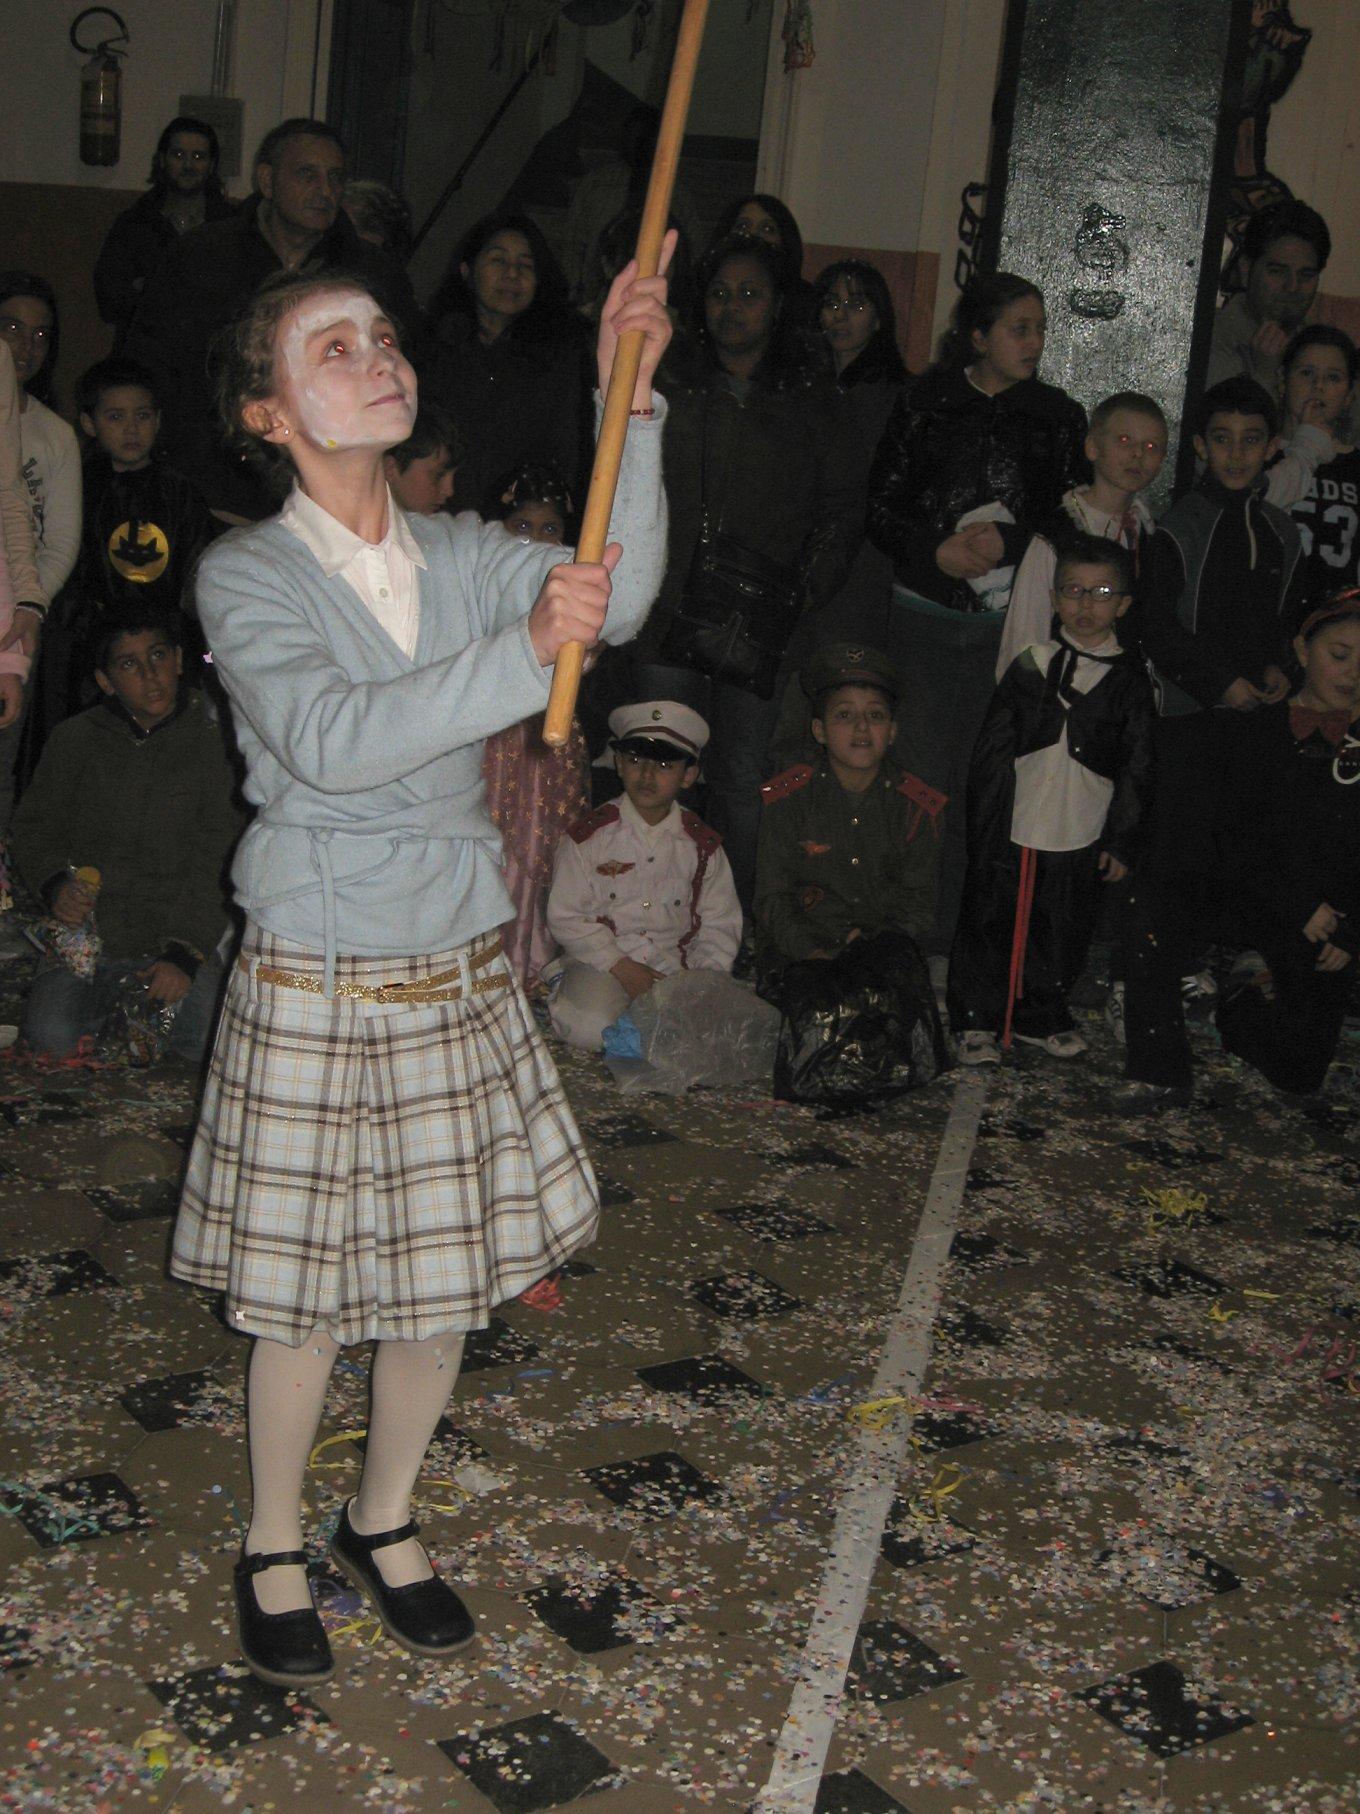 Pentolaccia-2009-02-22--17.23.12.jpg